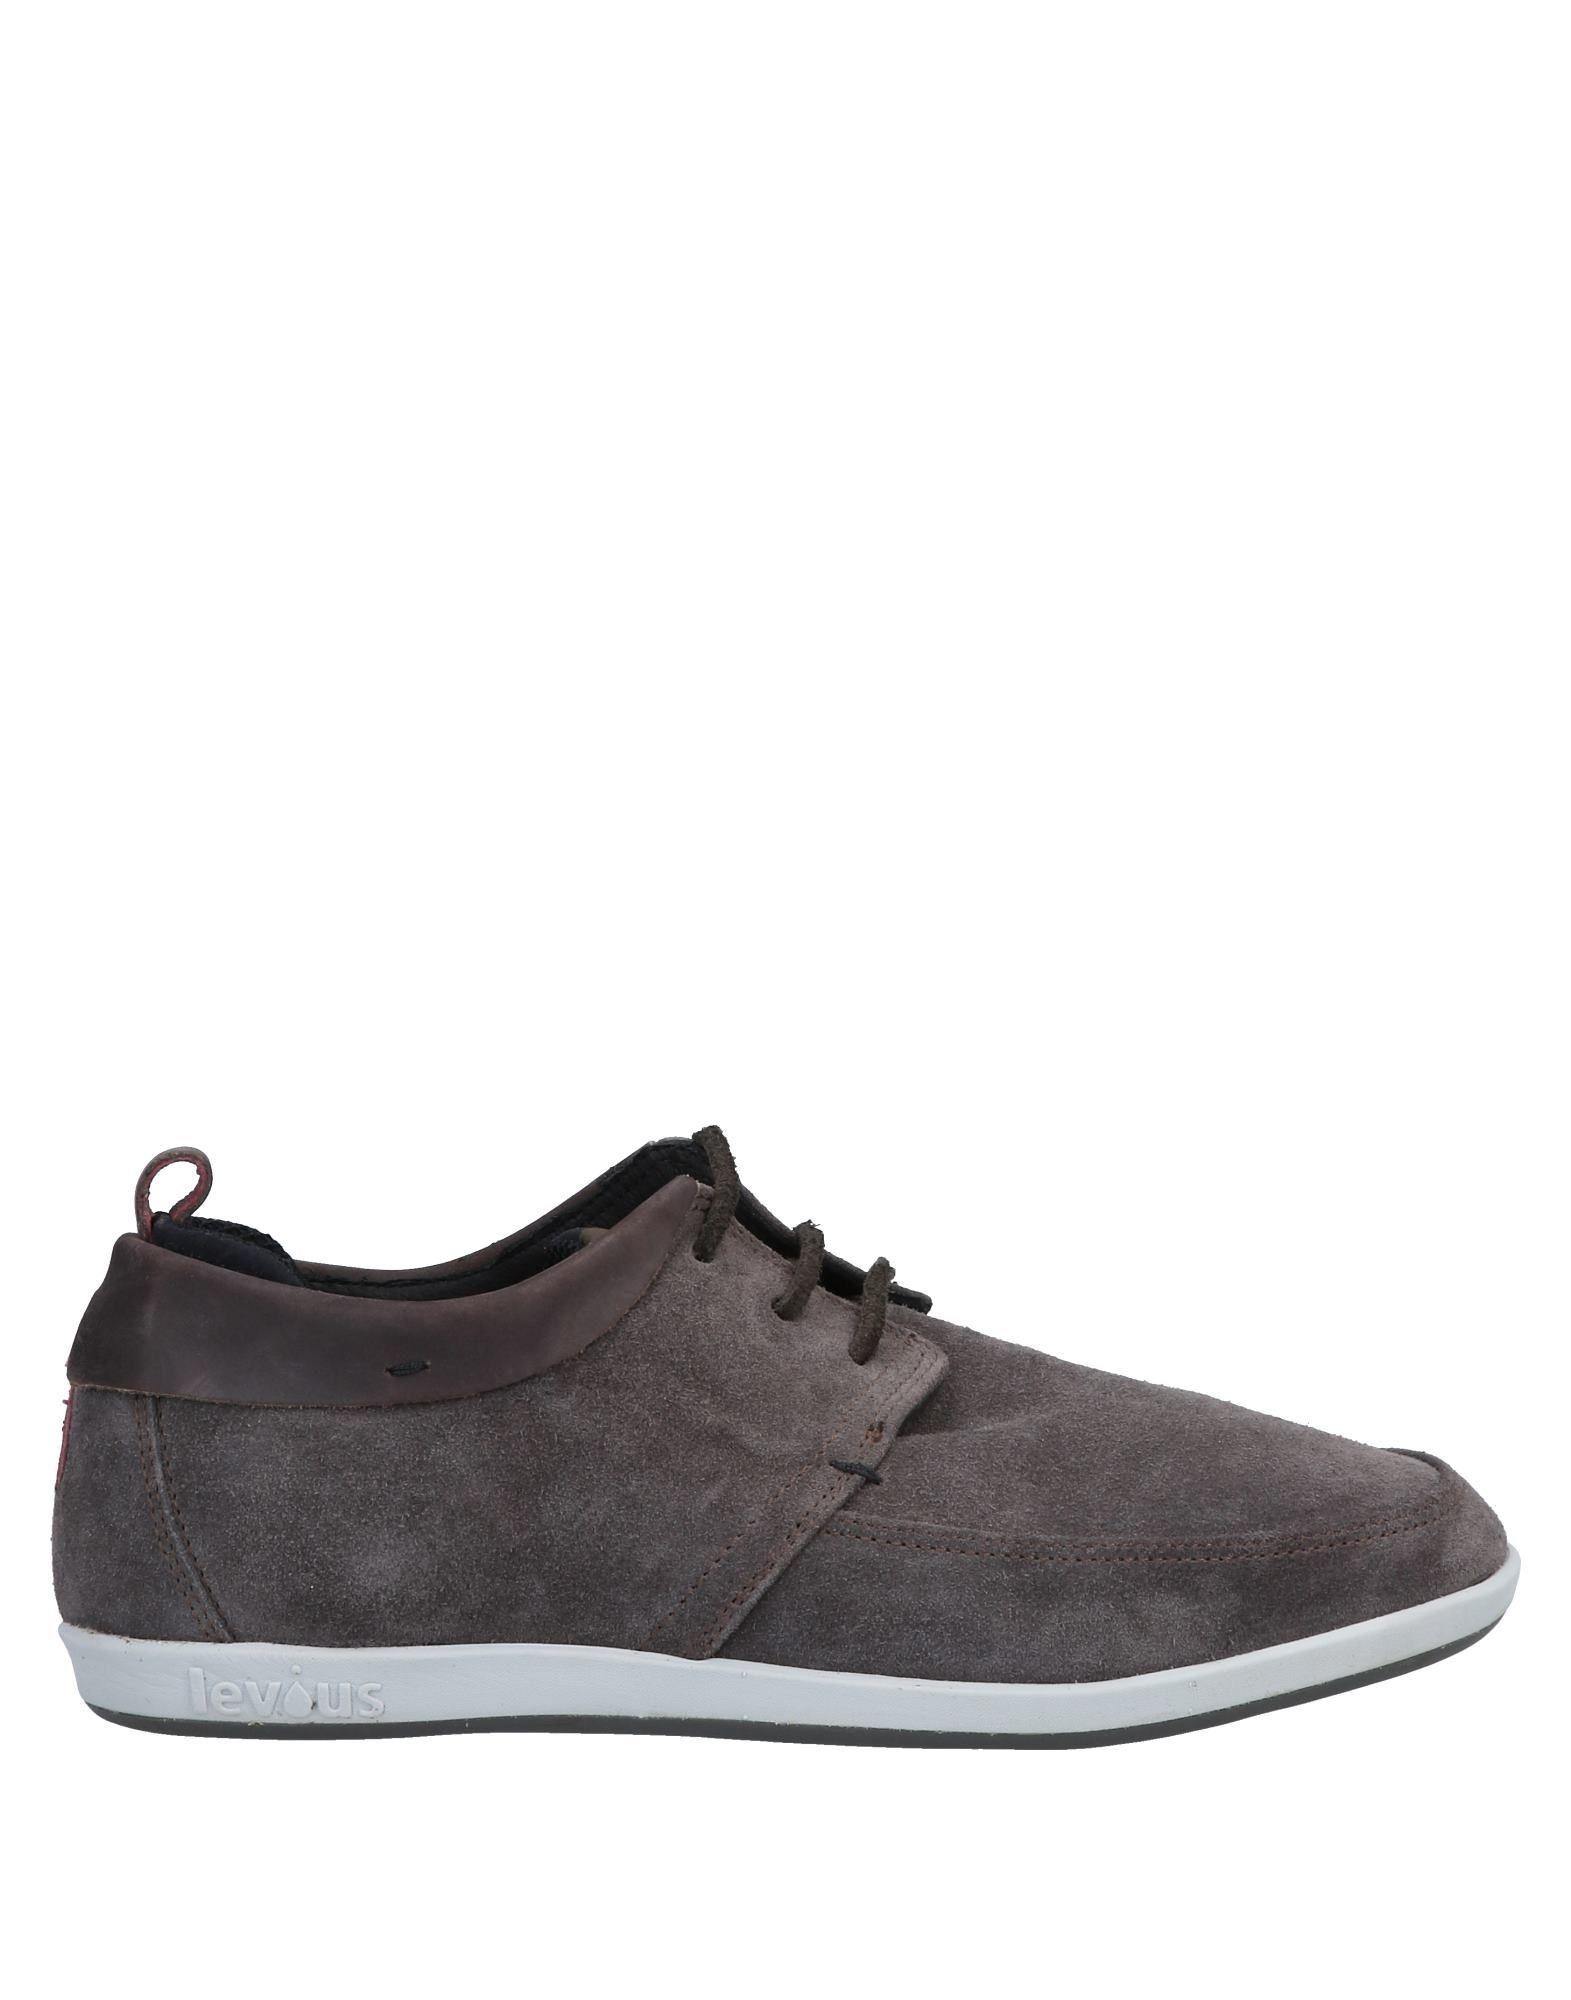 Levius Sneakers Sneakers - Men Levius Sneakers Levius online on  Canada - 11565170UT ebd916